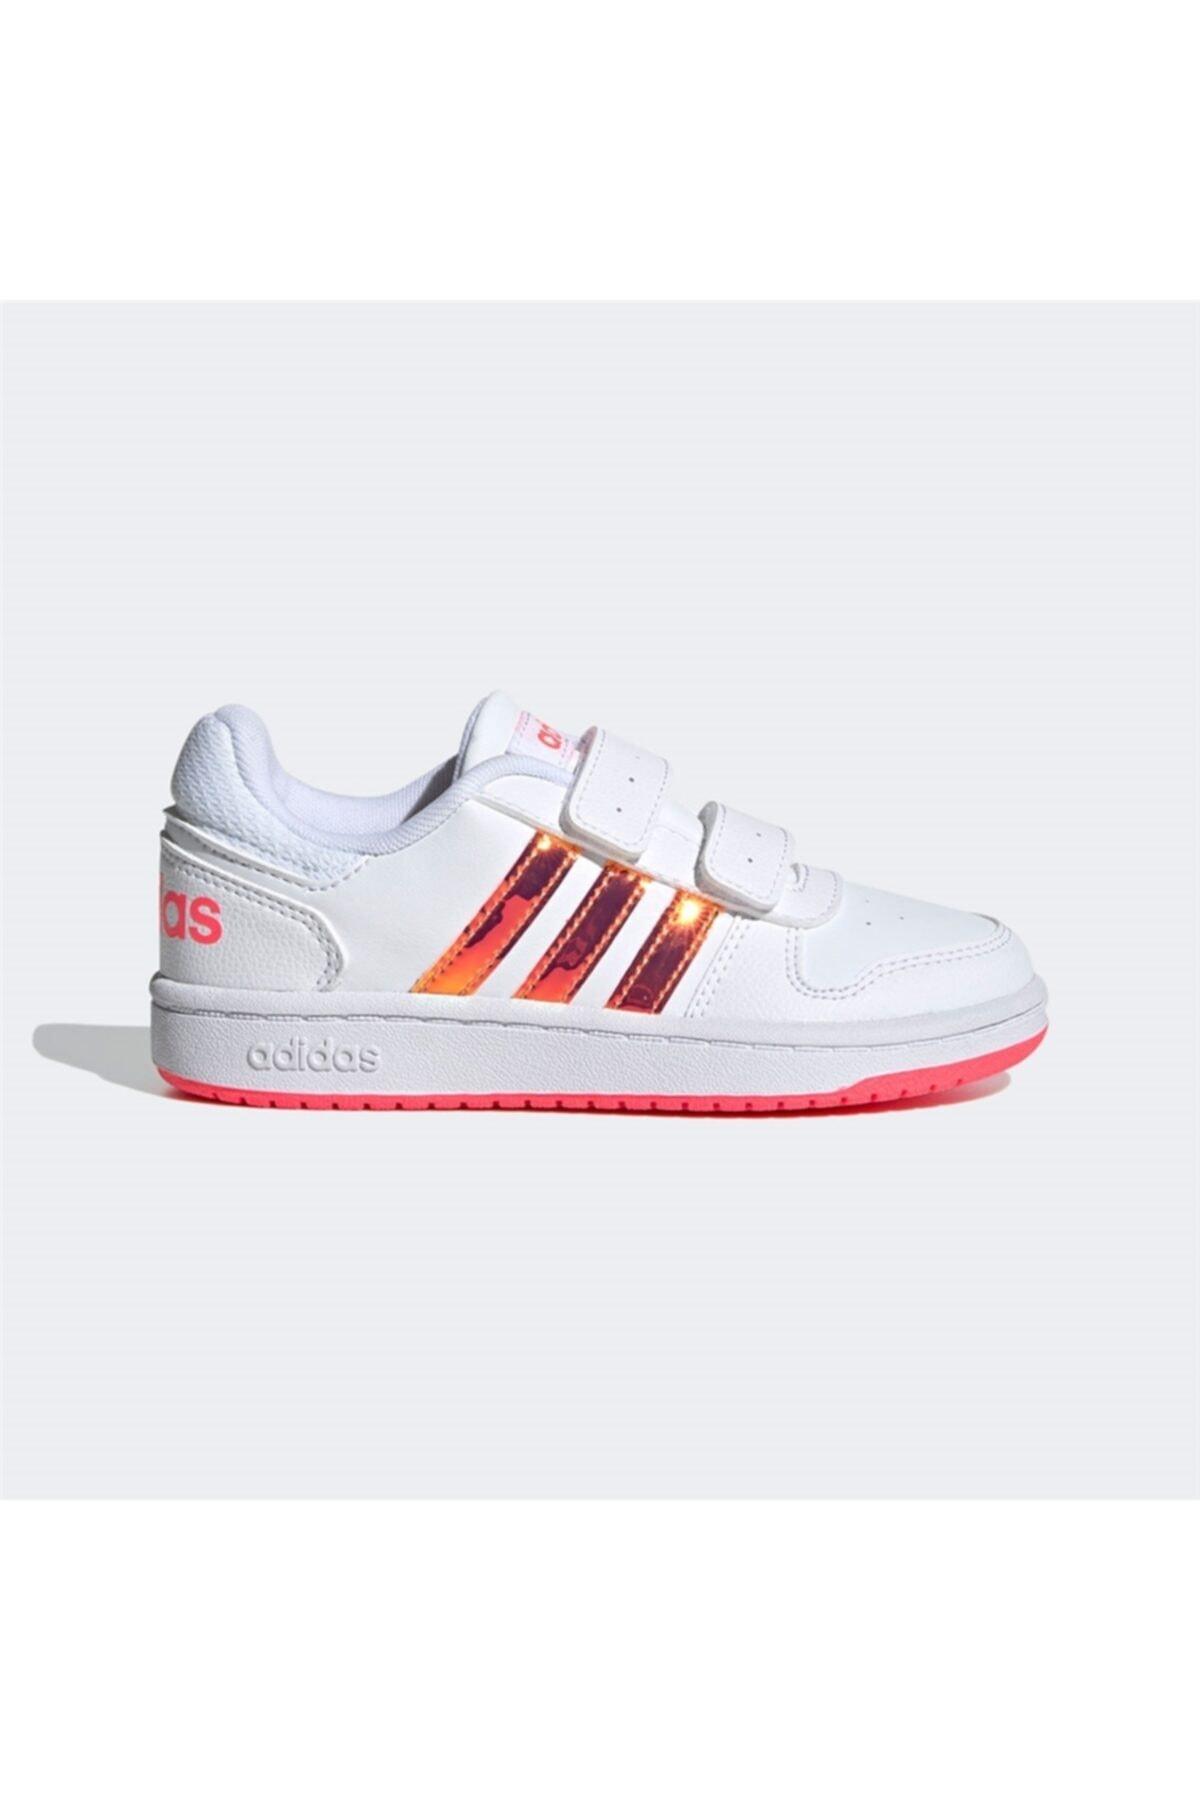 adidas HOOPS 2.0 CMF C Beyaz Kız Çocuk Sneaker Ayakkabı 100663752 1